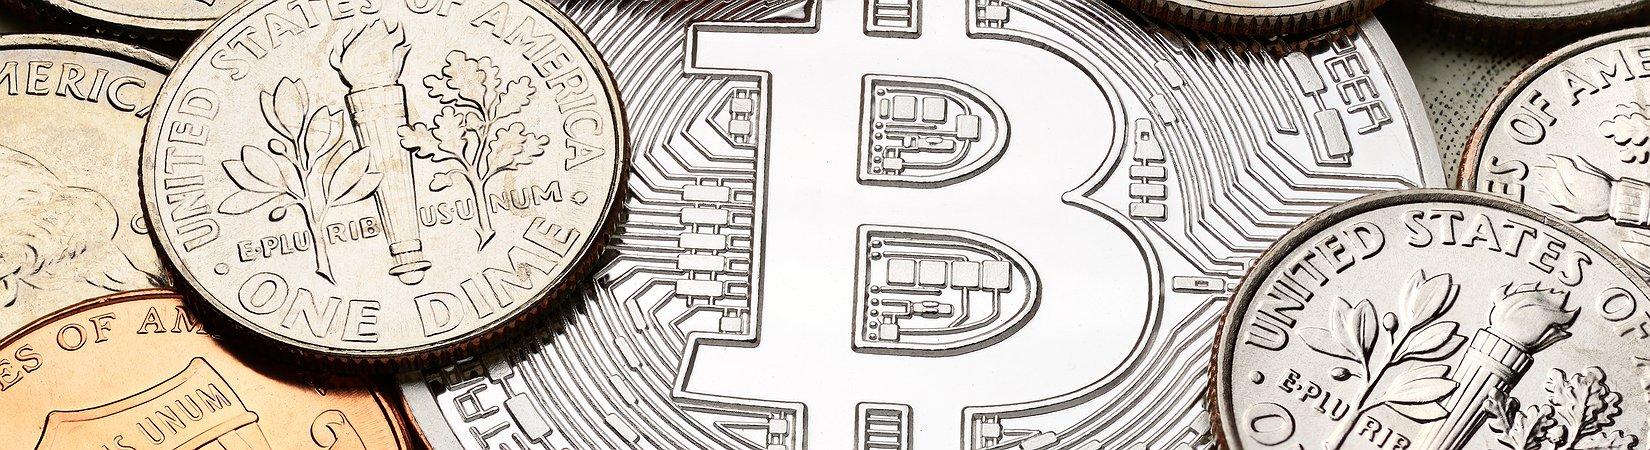 Quota de mercado da Bitcoin caiu para mínimo histórico